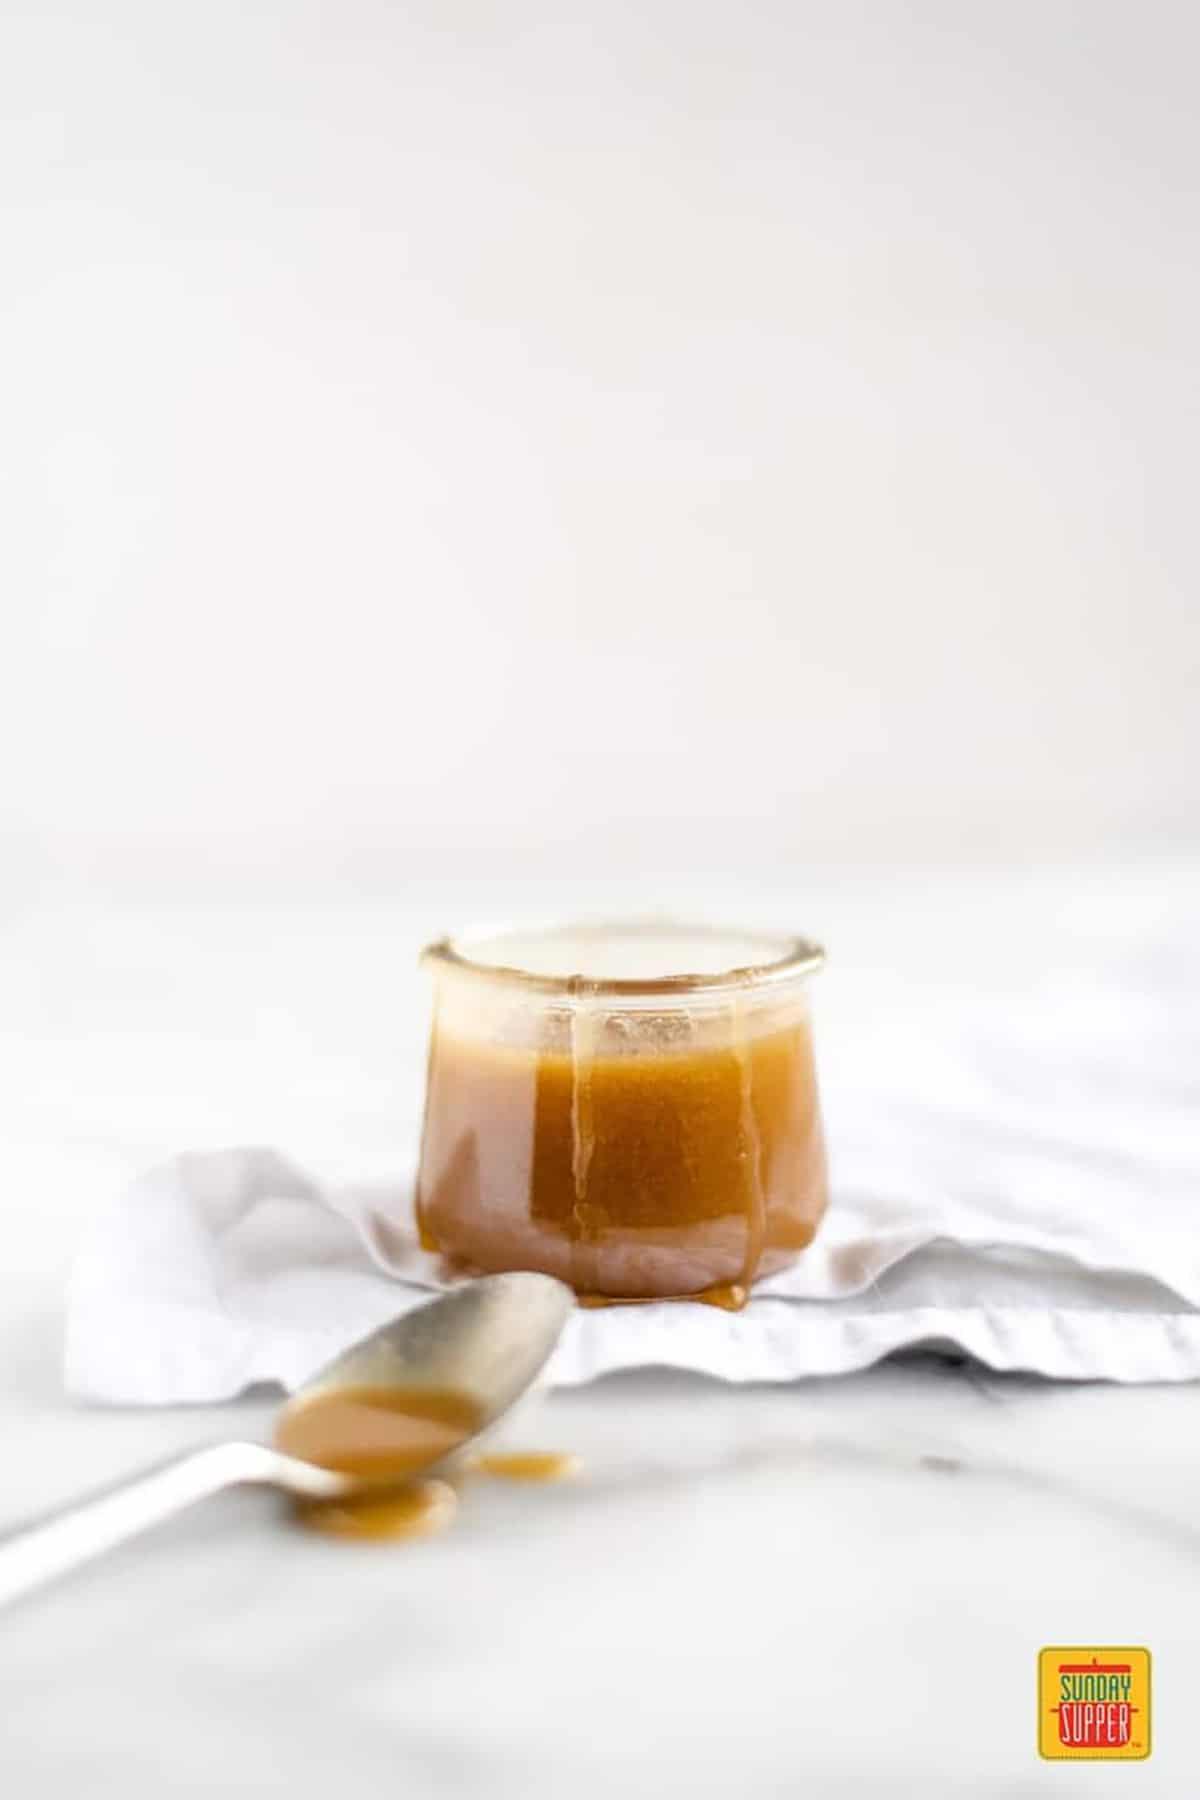 A spoon of butterscotch sauce near a jar of butterscotch